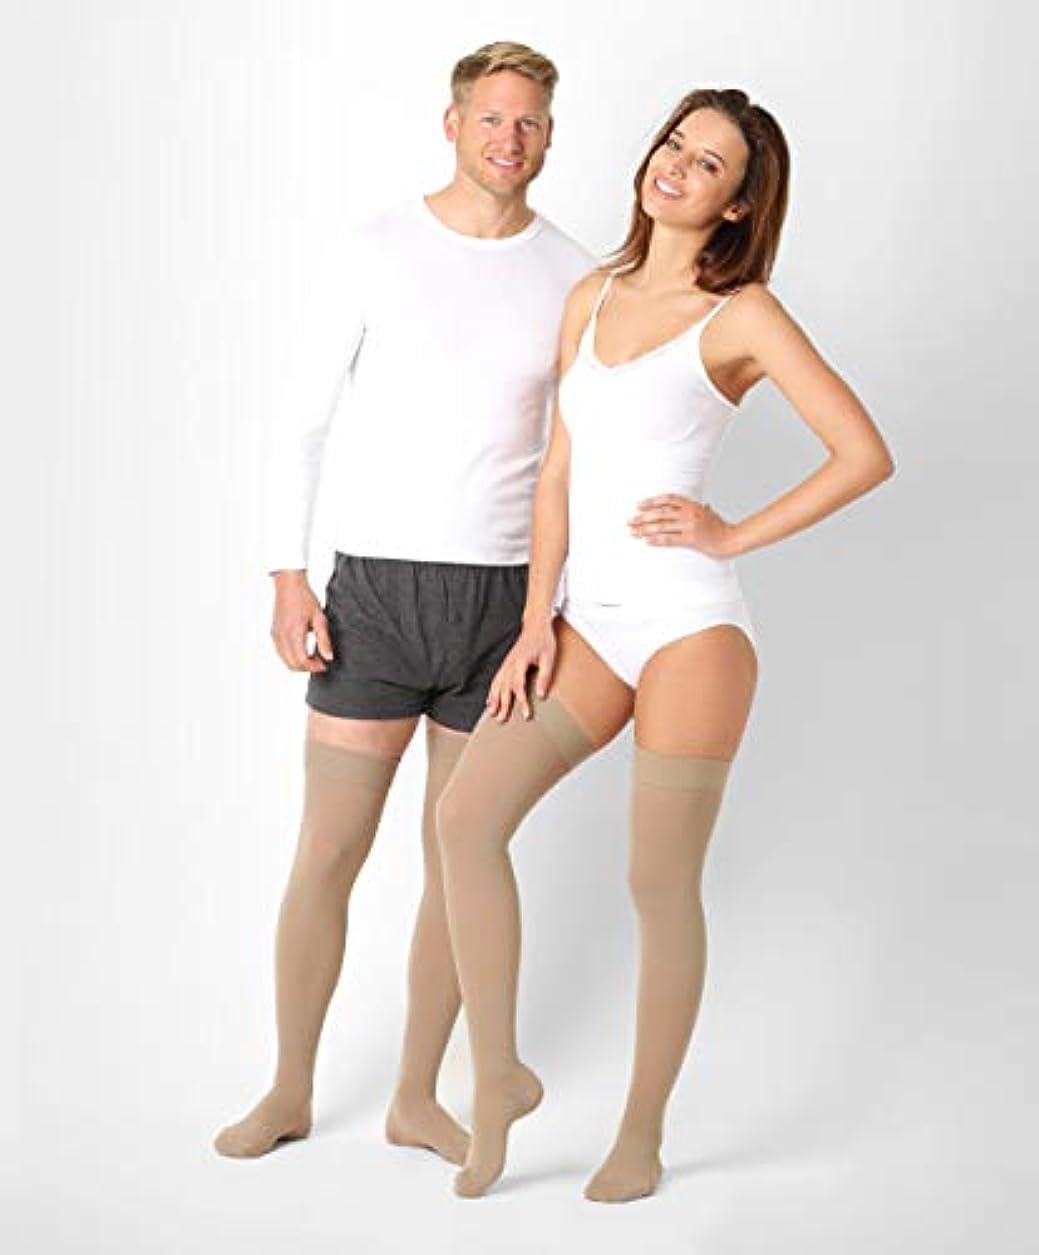 配当最初は桁BeFit24 医療用着圧ストッキング クラス 1 (18-21 mmHg) 男性?女性用 ーあらゆるラ イフスタイルのニーズに対応ー ヨーロッパ製 X-Large Beige